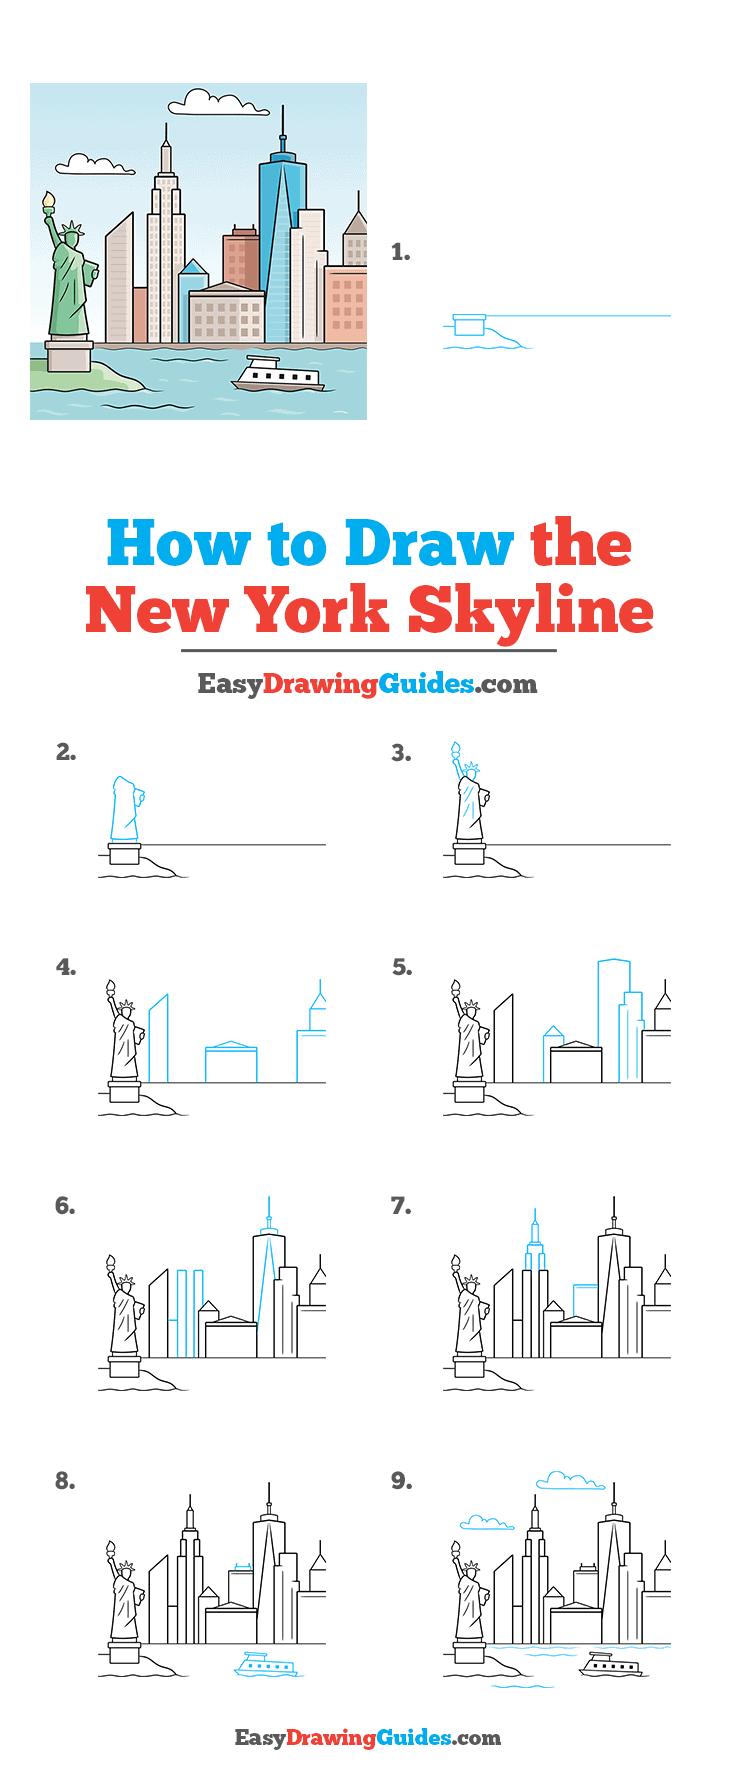 How to Draw New York Skyline